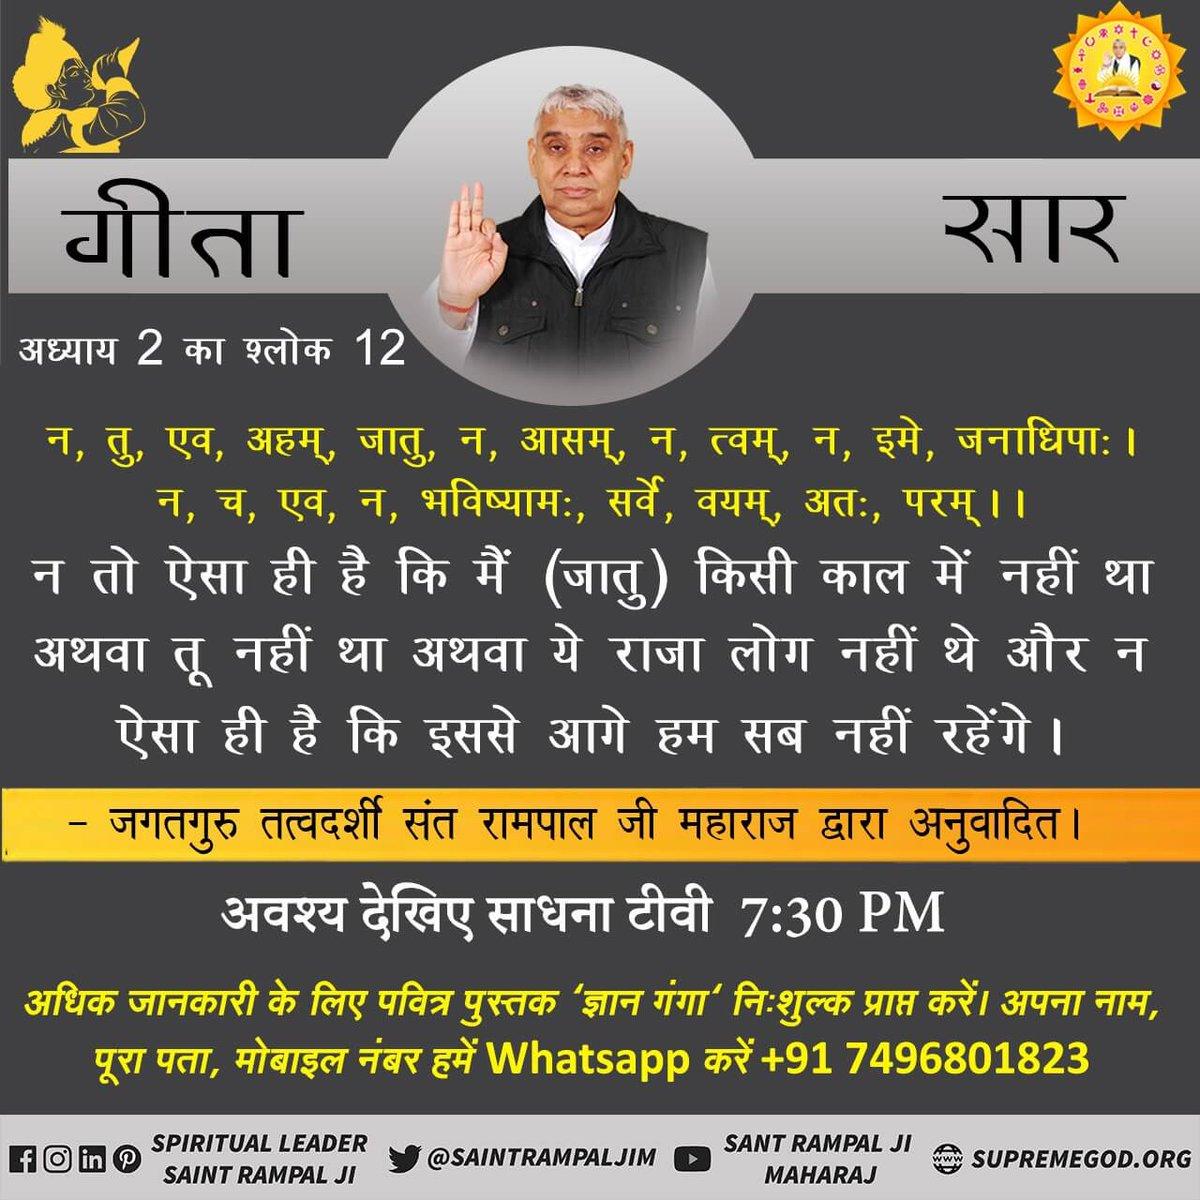 @JaiNara313 @SaintRampalJiM #MustListen_Satsang  गीता अध्याय 16 श्लोक 23 जो साधक शास्त्रविधि को त्यागकर अपनी इच्छा से मनमाना आचरण करता है वह न सिद्धि को प्राप्त होता है न उसे कोई सुख प्राप्त होता है, न उसकी गति यानि मुक्ति होती है अर्थात् शास्त्र के विपरित भक्ति करना व्यर्थ है।